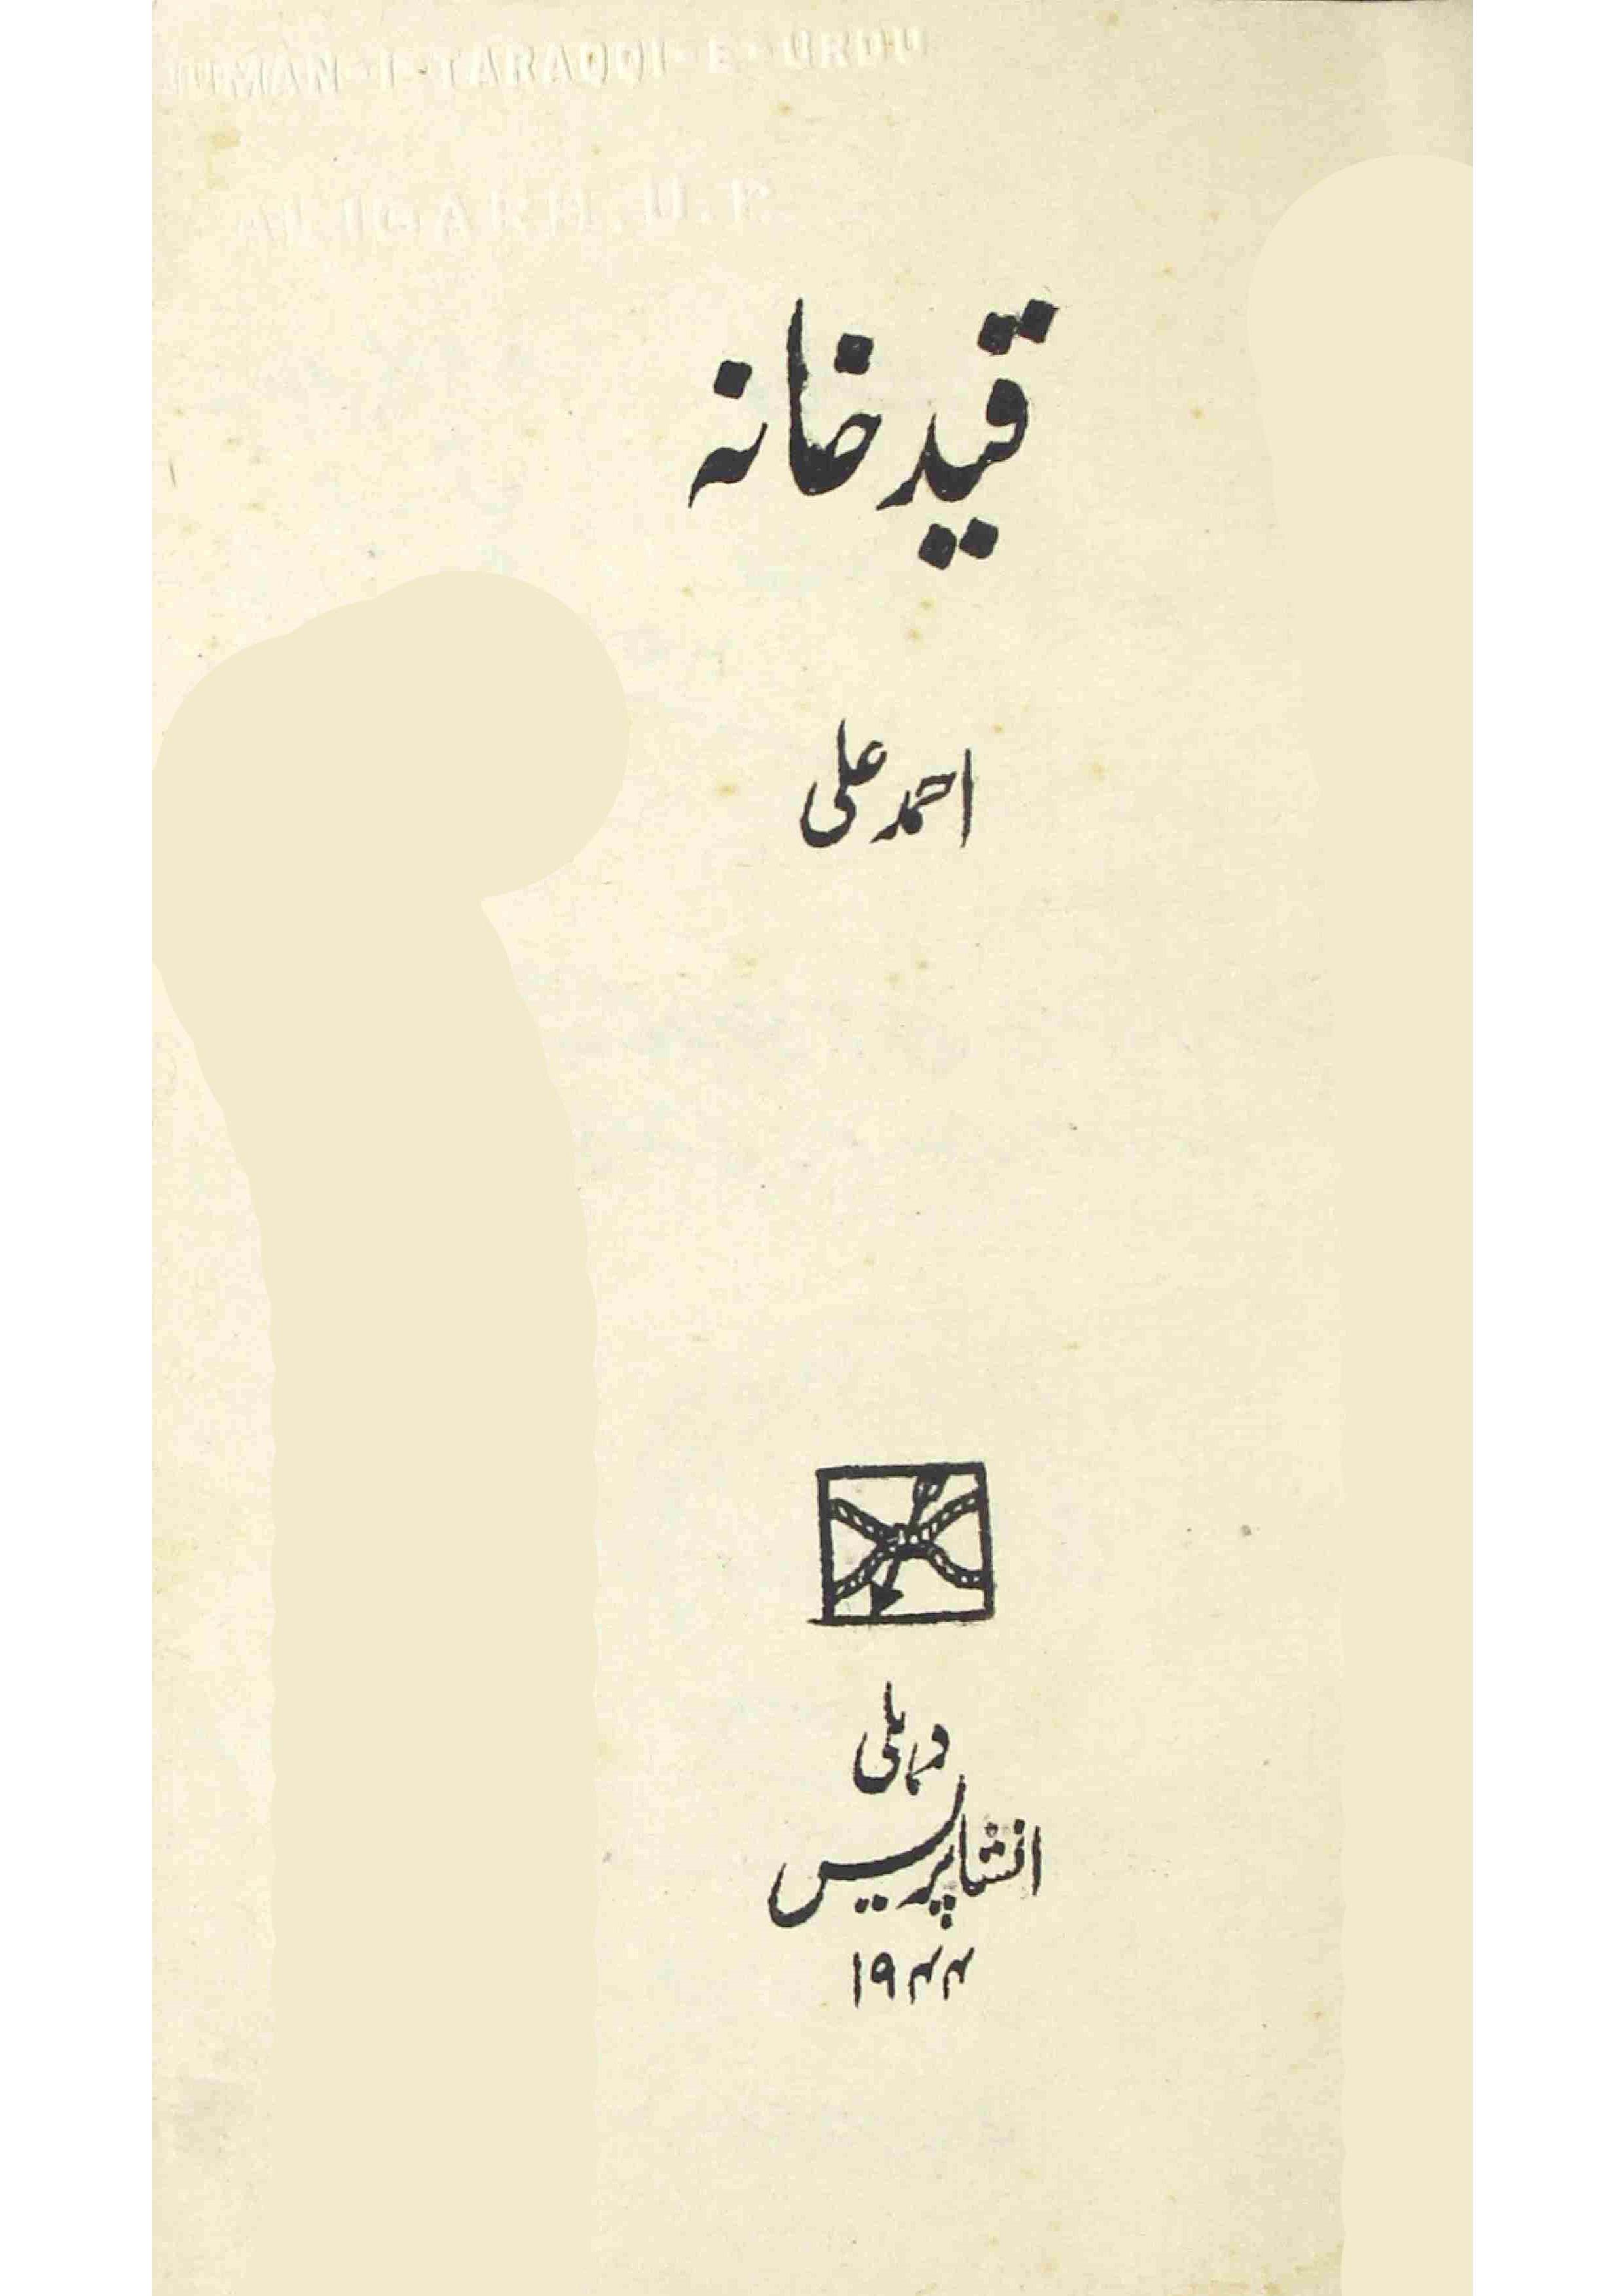 Qaid Khana